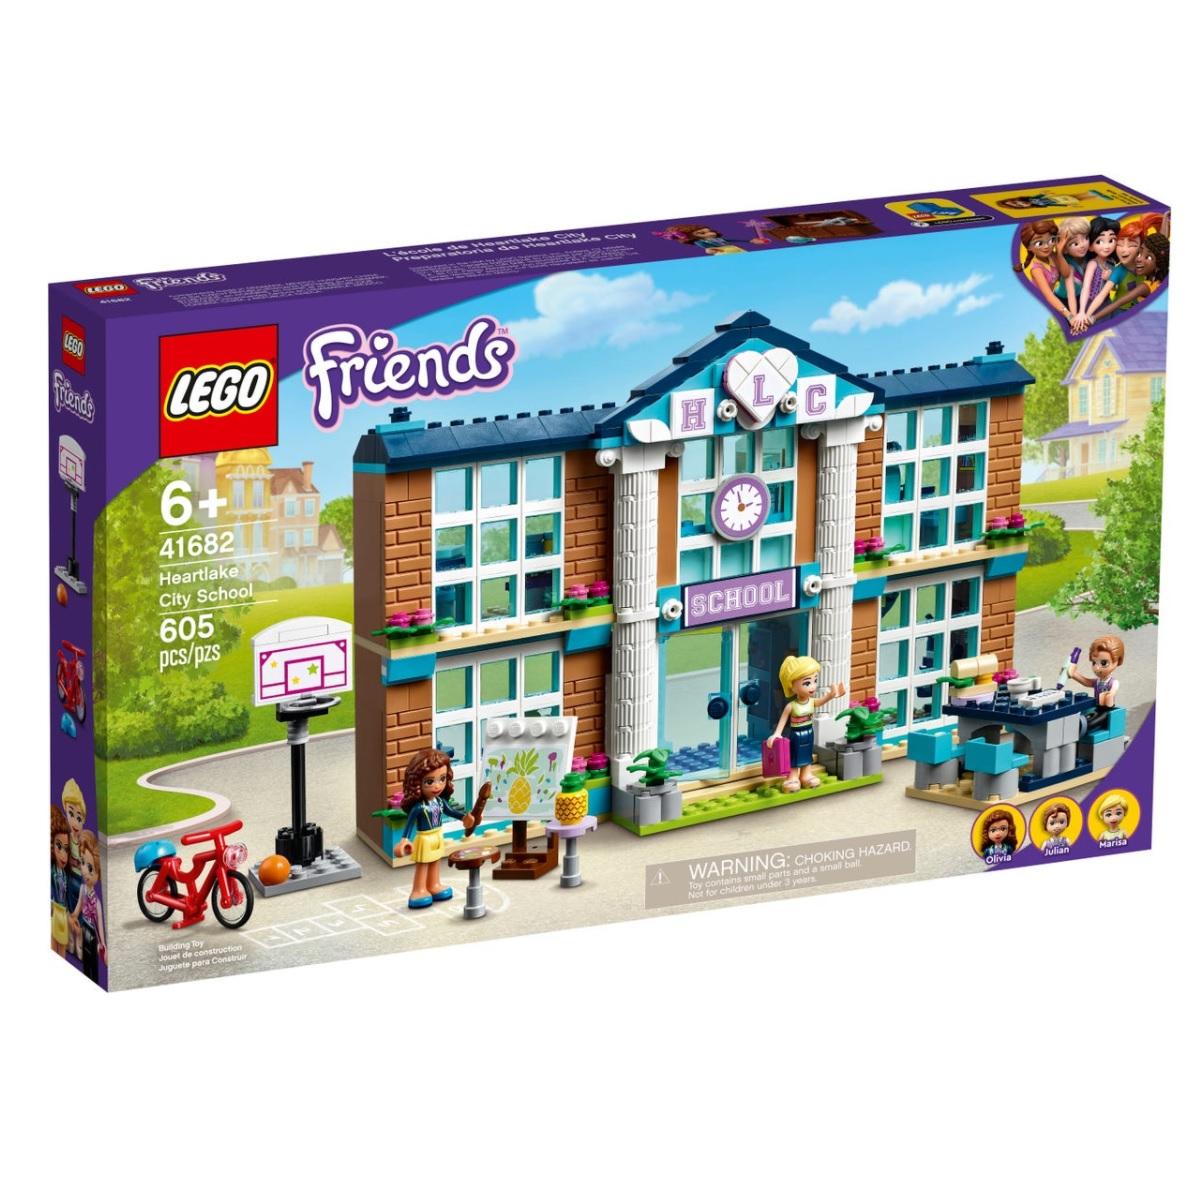 Игрушка Lego Школа Хартлейк Сити